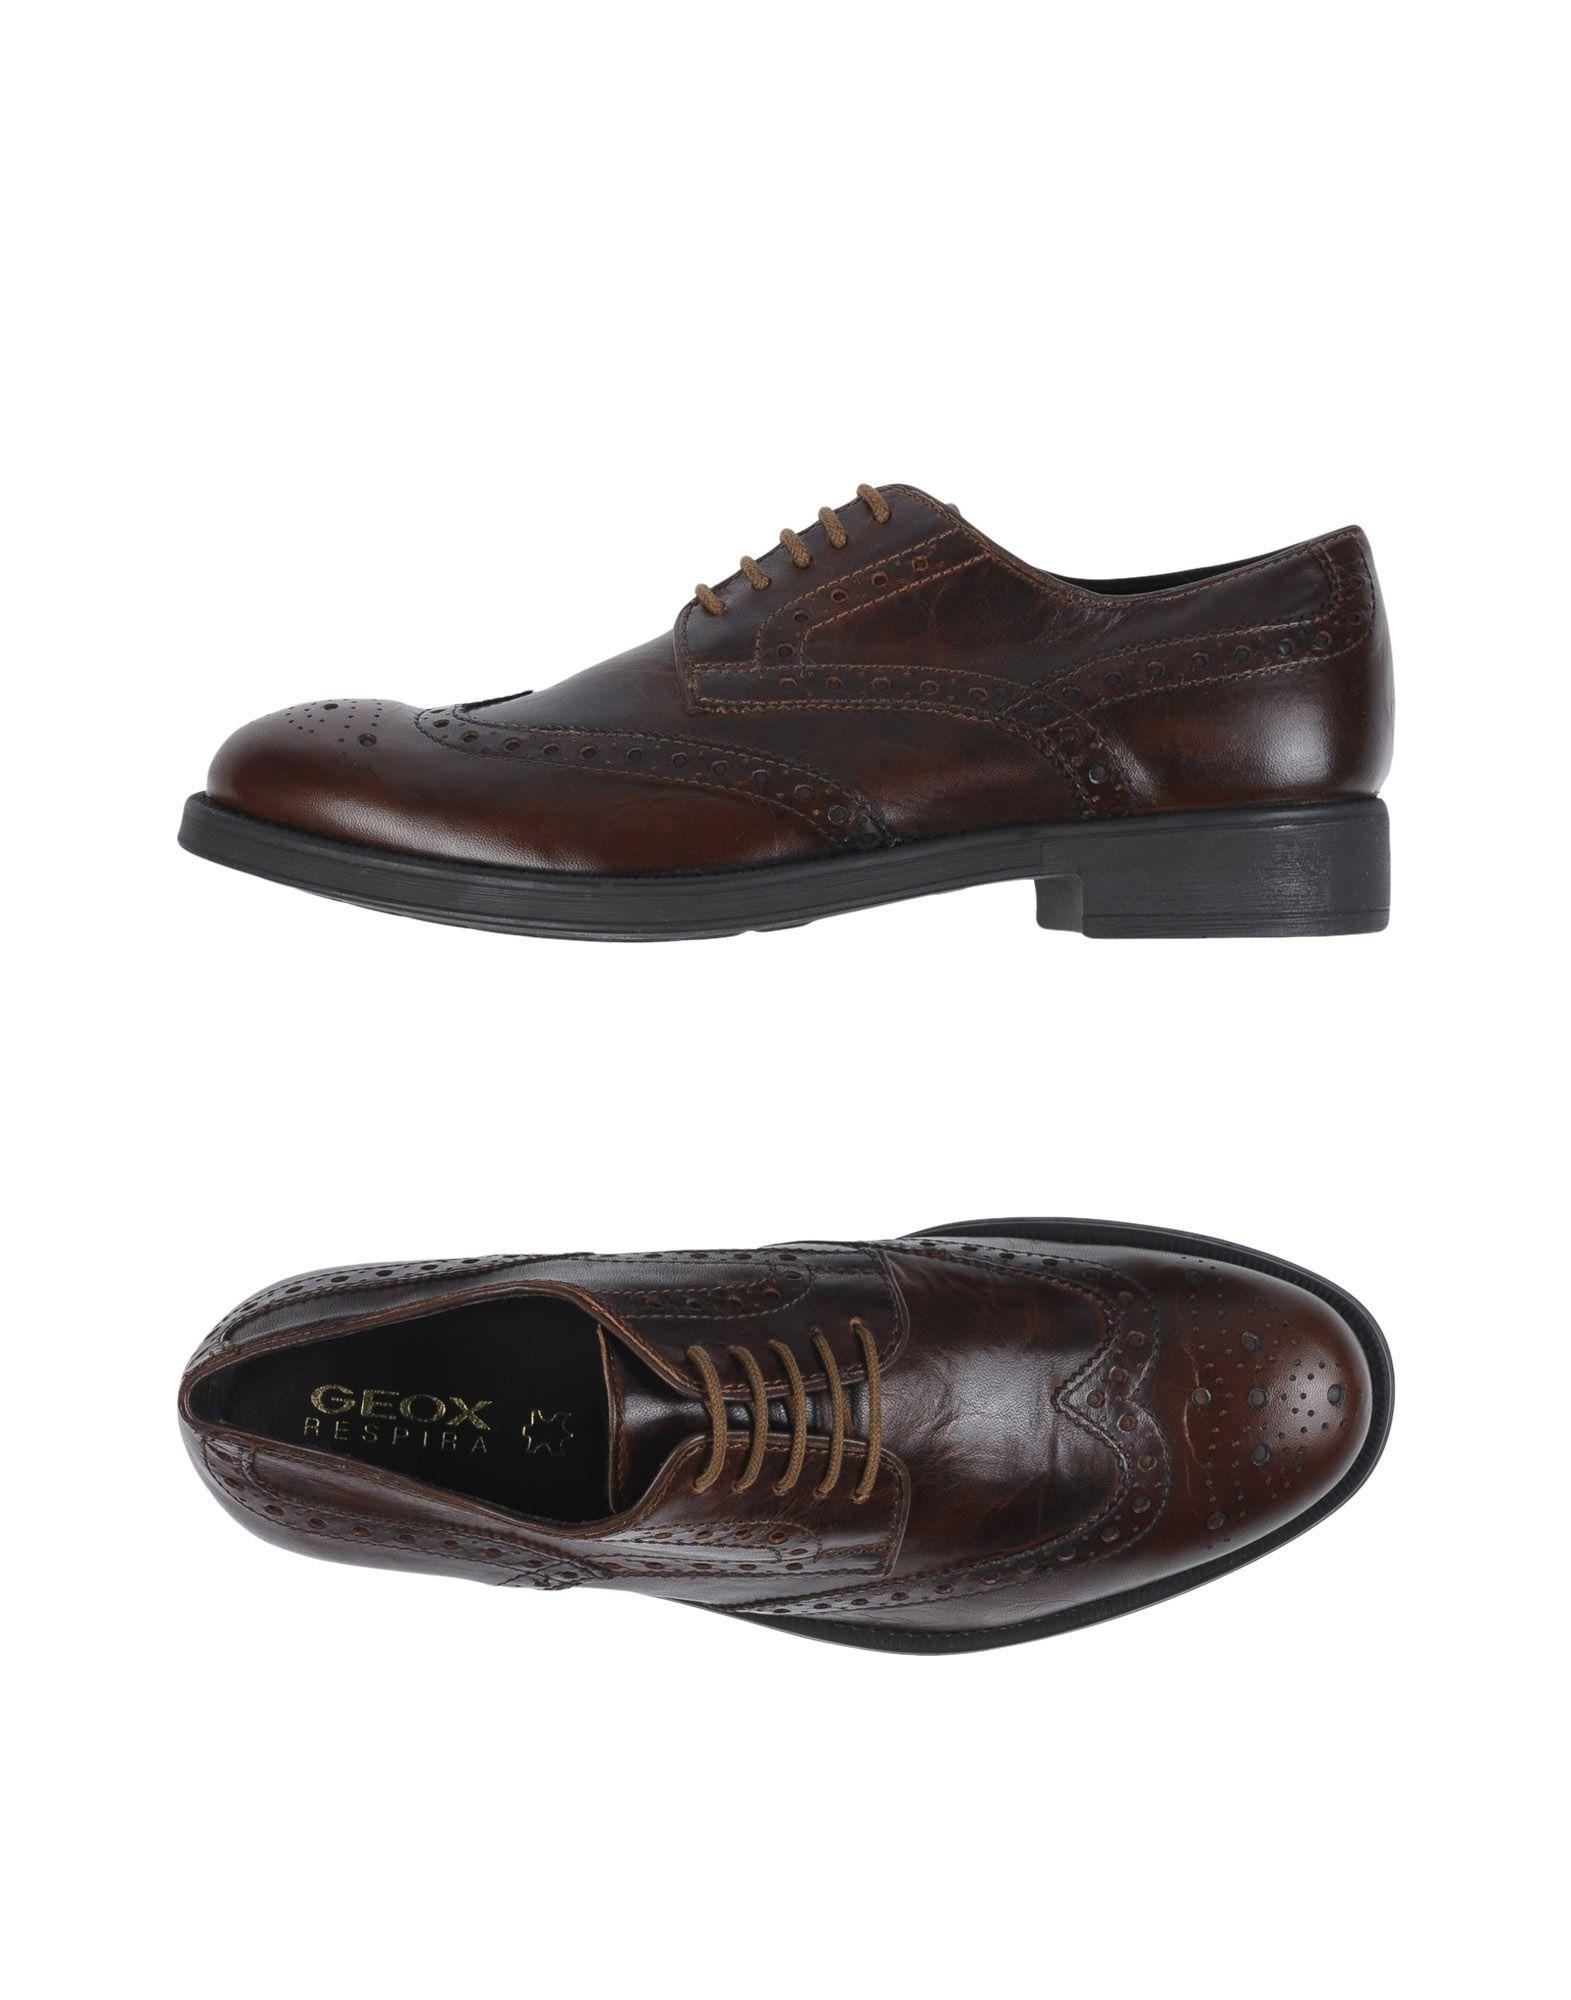 Rabatt Herren echte Schuhe Geox Schnürschuhe Herren Rabatt  11252969XS 36126f